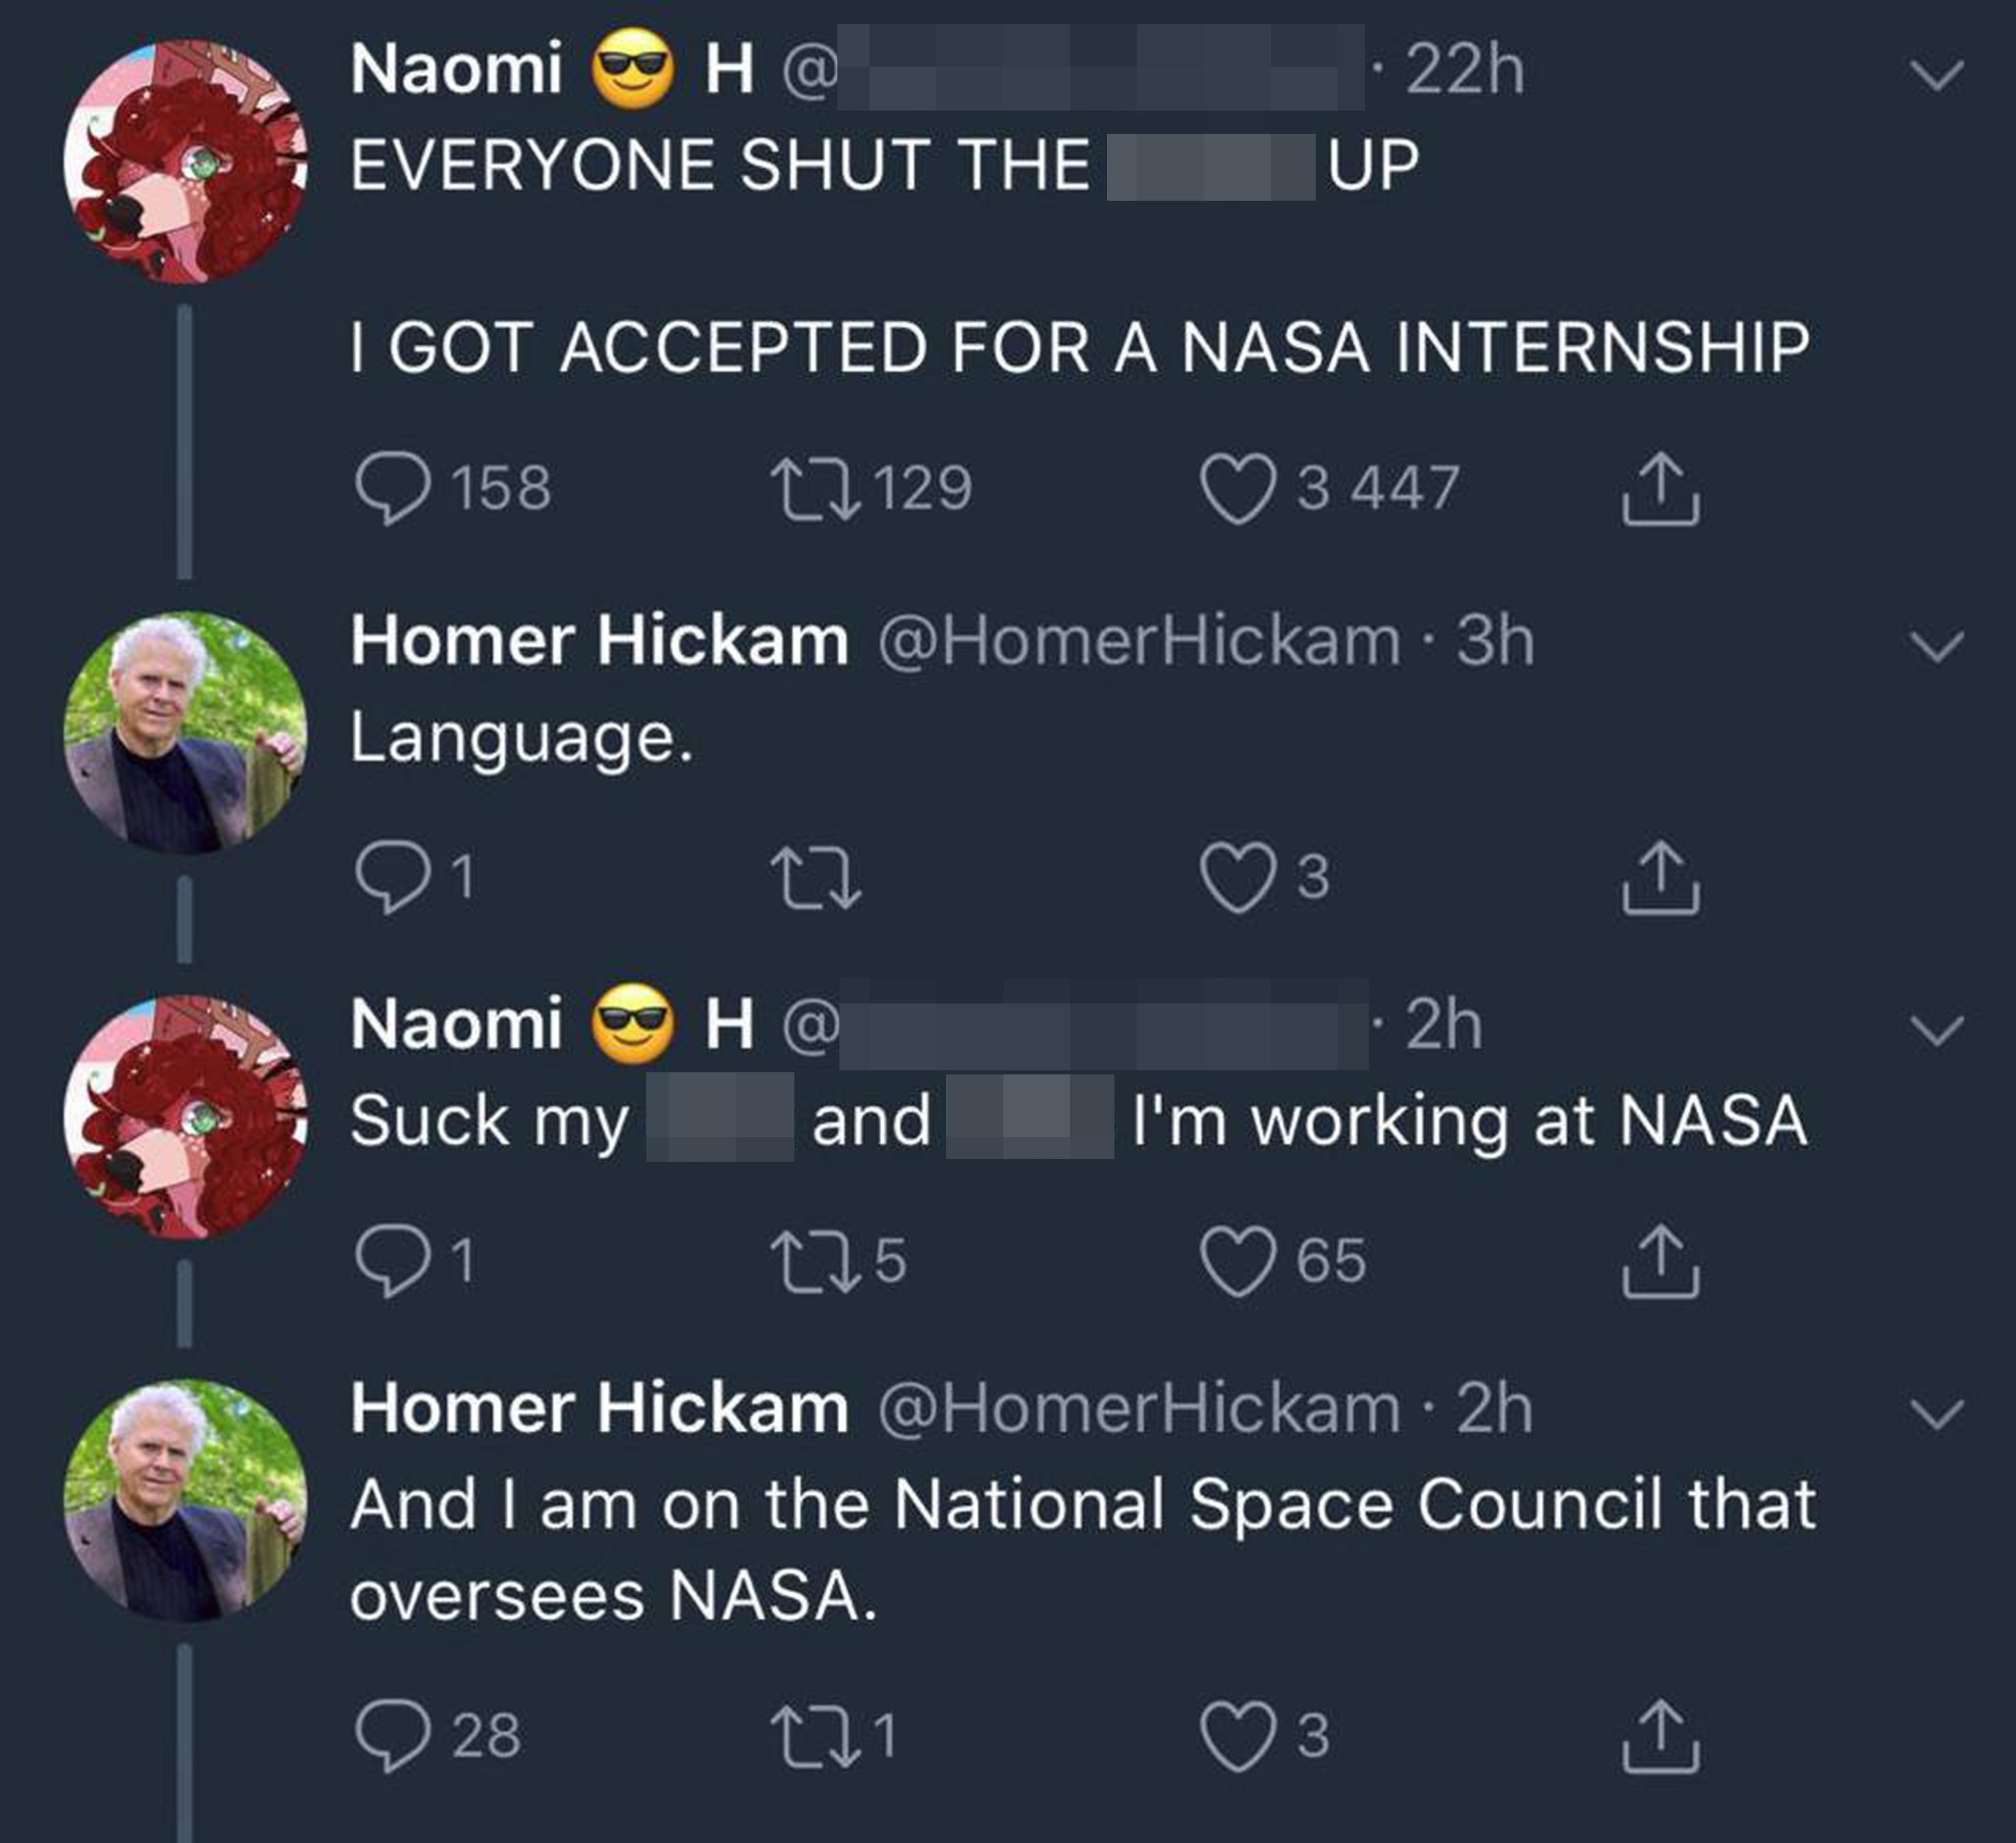 NASA internship tweet thread